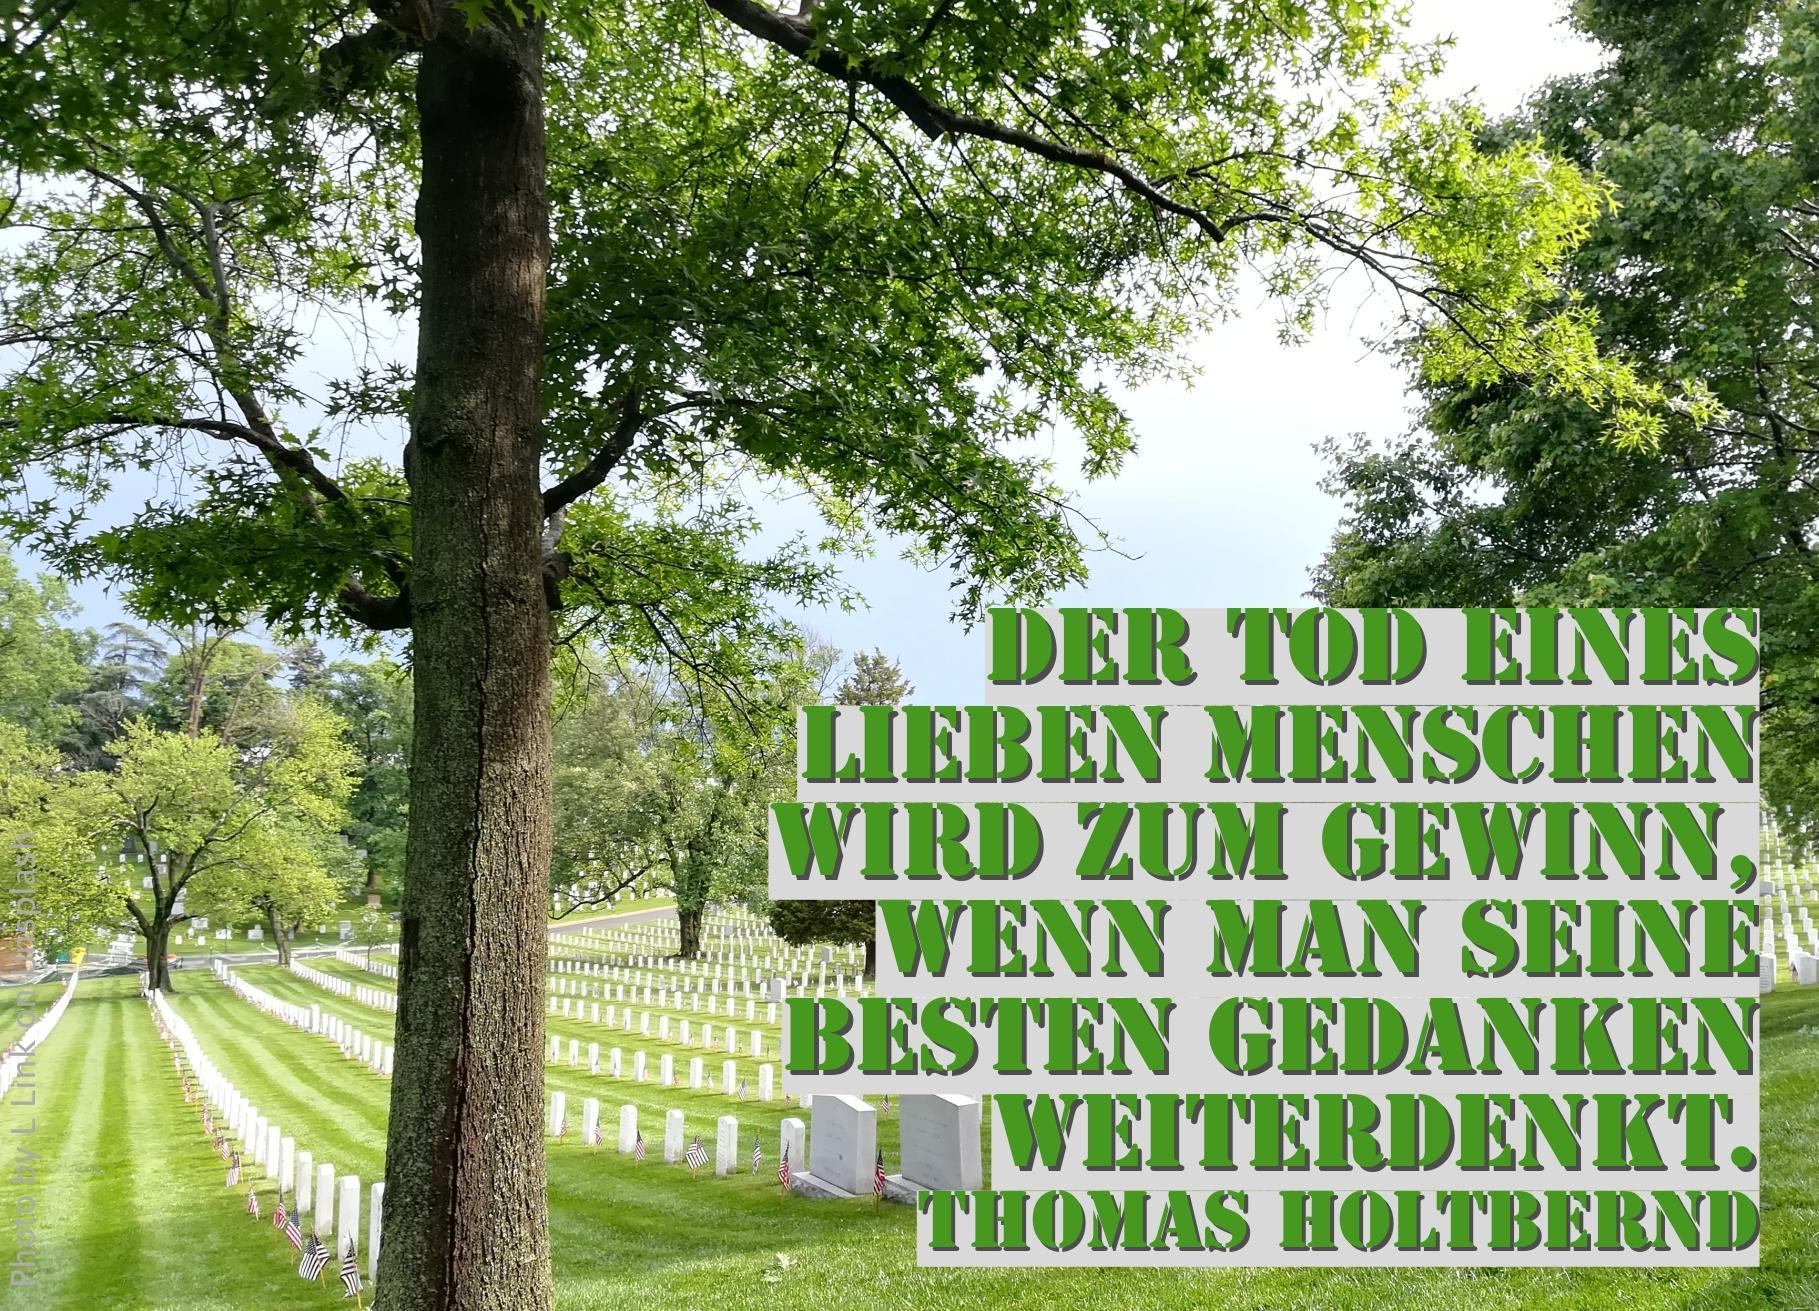 Friedhof unter grünen Bäumen